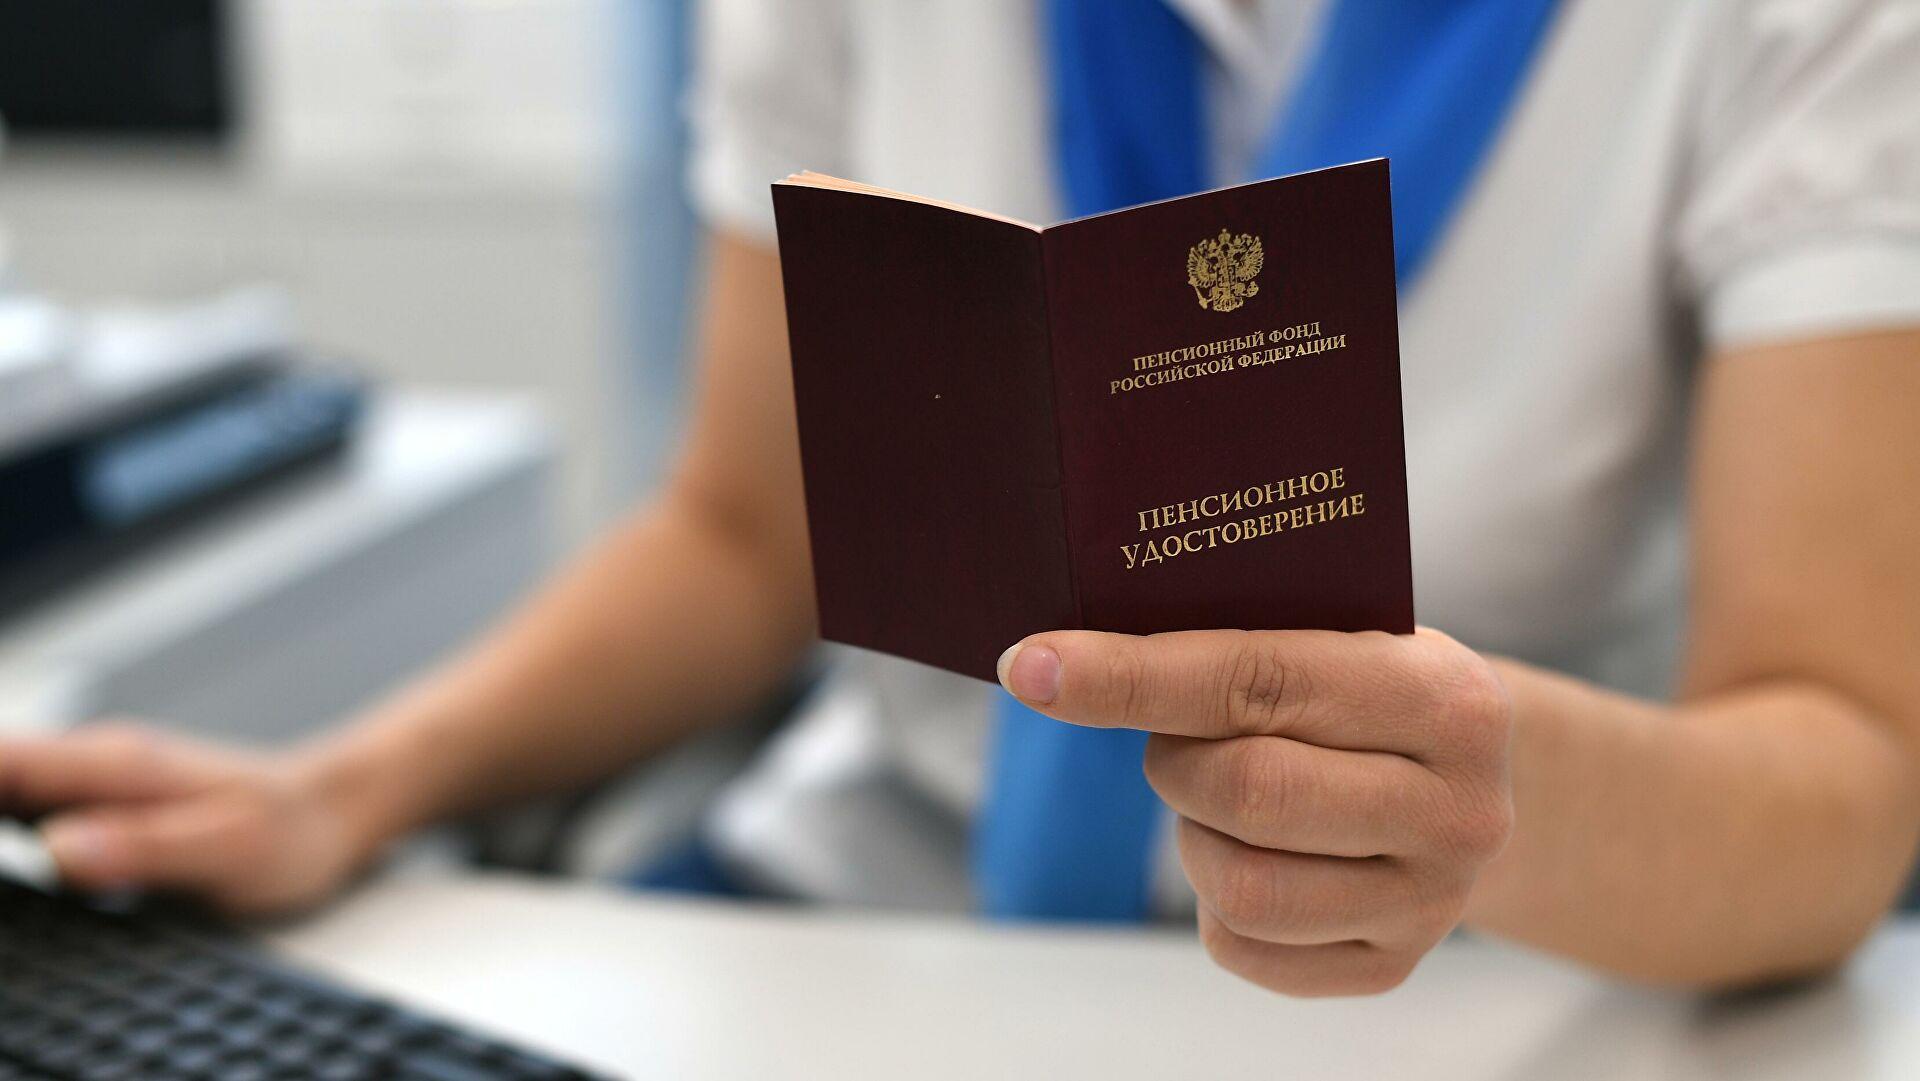 До конца 2021 года в России будет изменен порядок получения пенсий